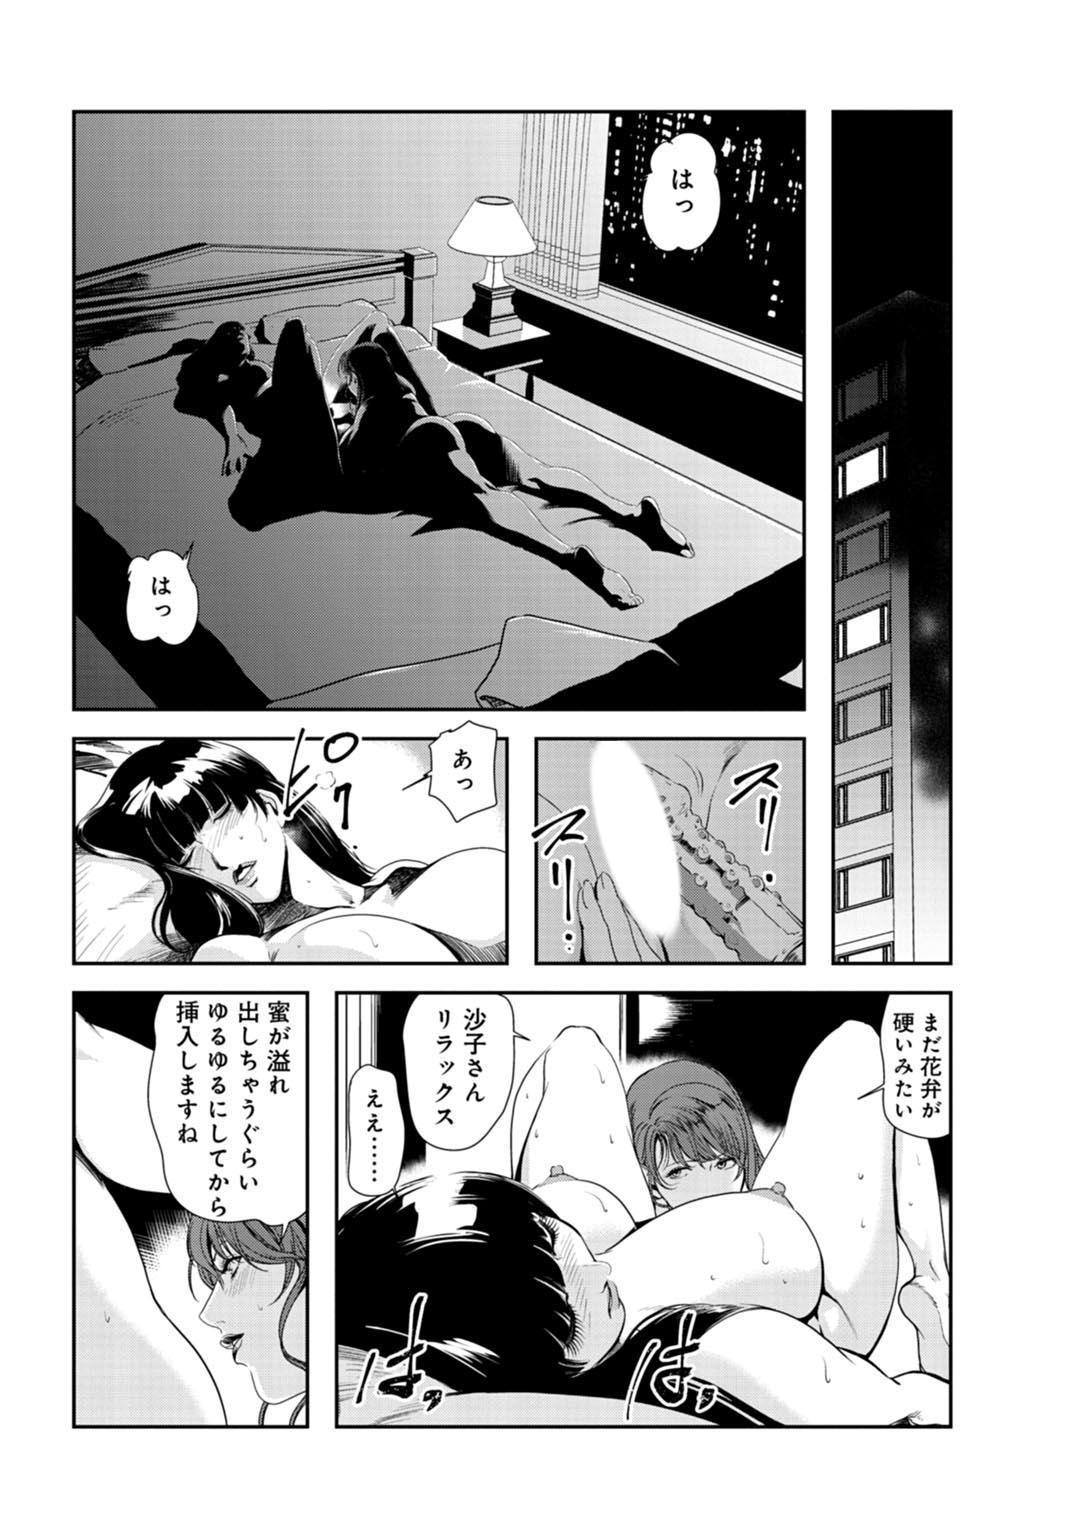 Nikuhisyo Yukiko 26 54